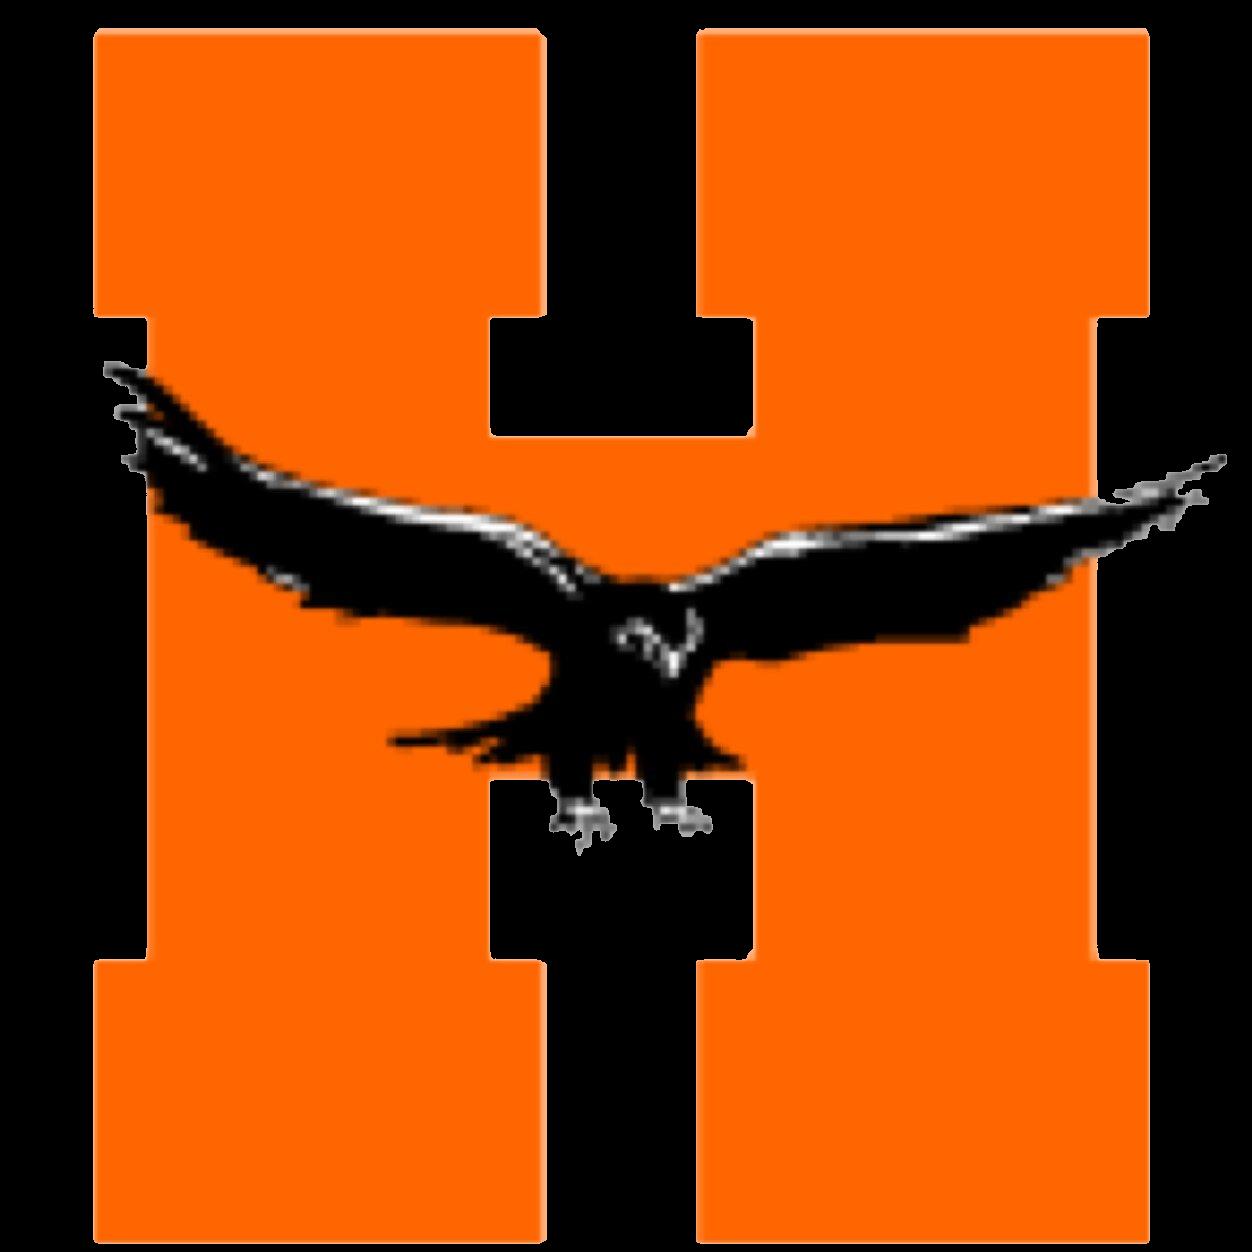 Hawk clipart hayfield. The hawks scorestream